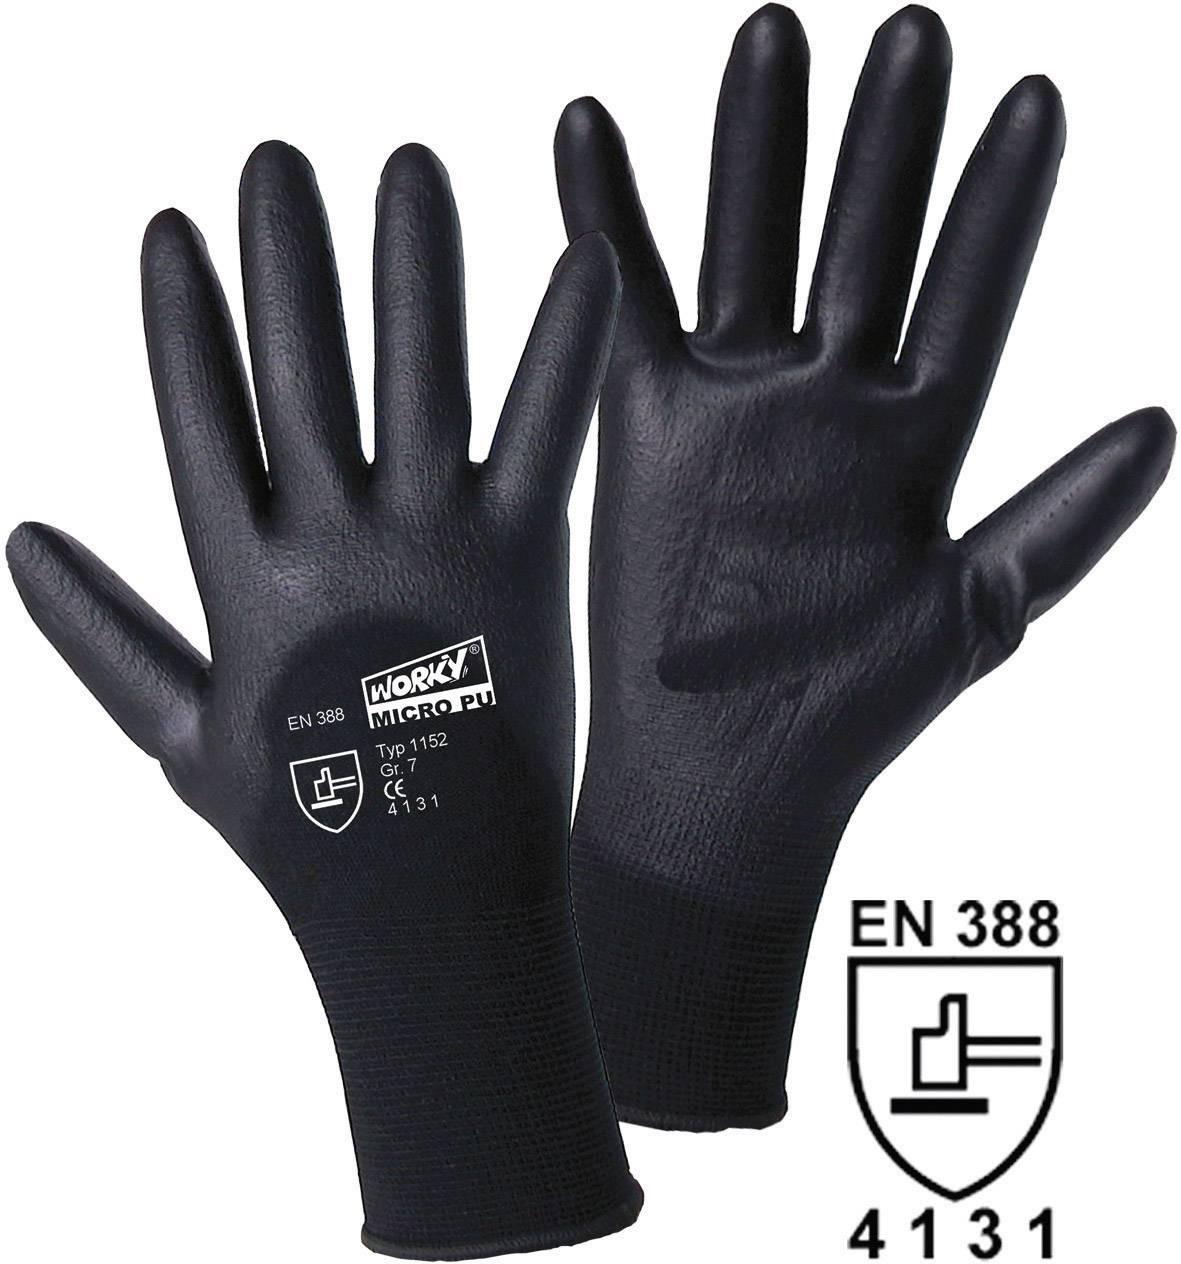 Pracovní rukavice L+D worky MICRO black2 1152, velikost rukavic: 11, XXL